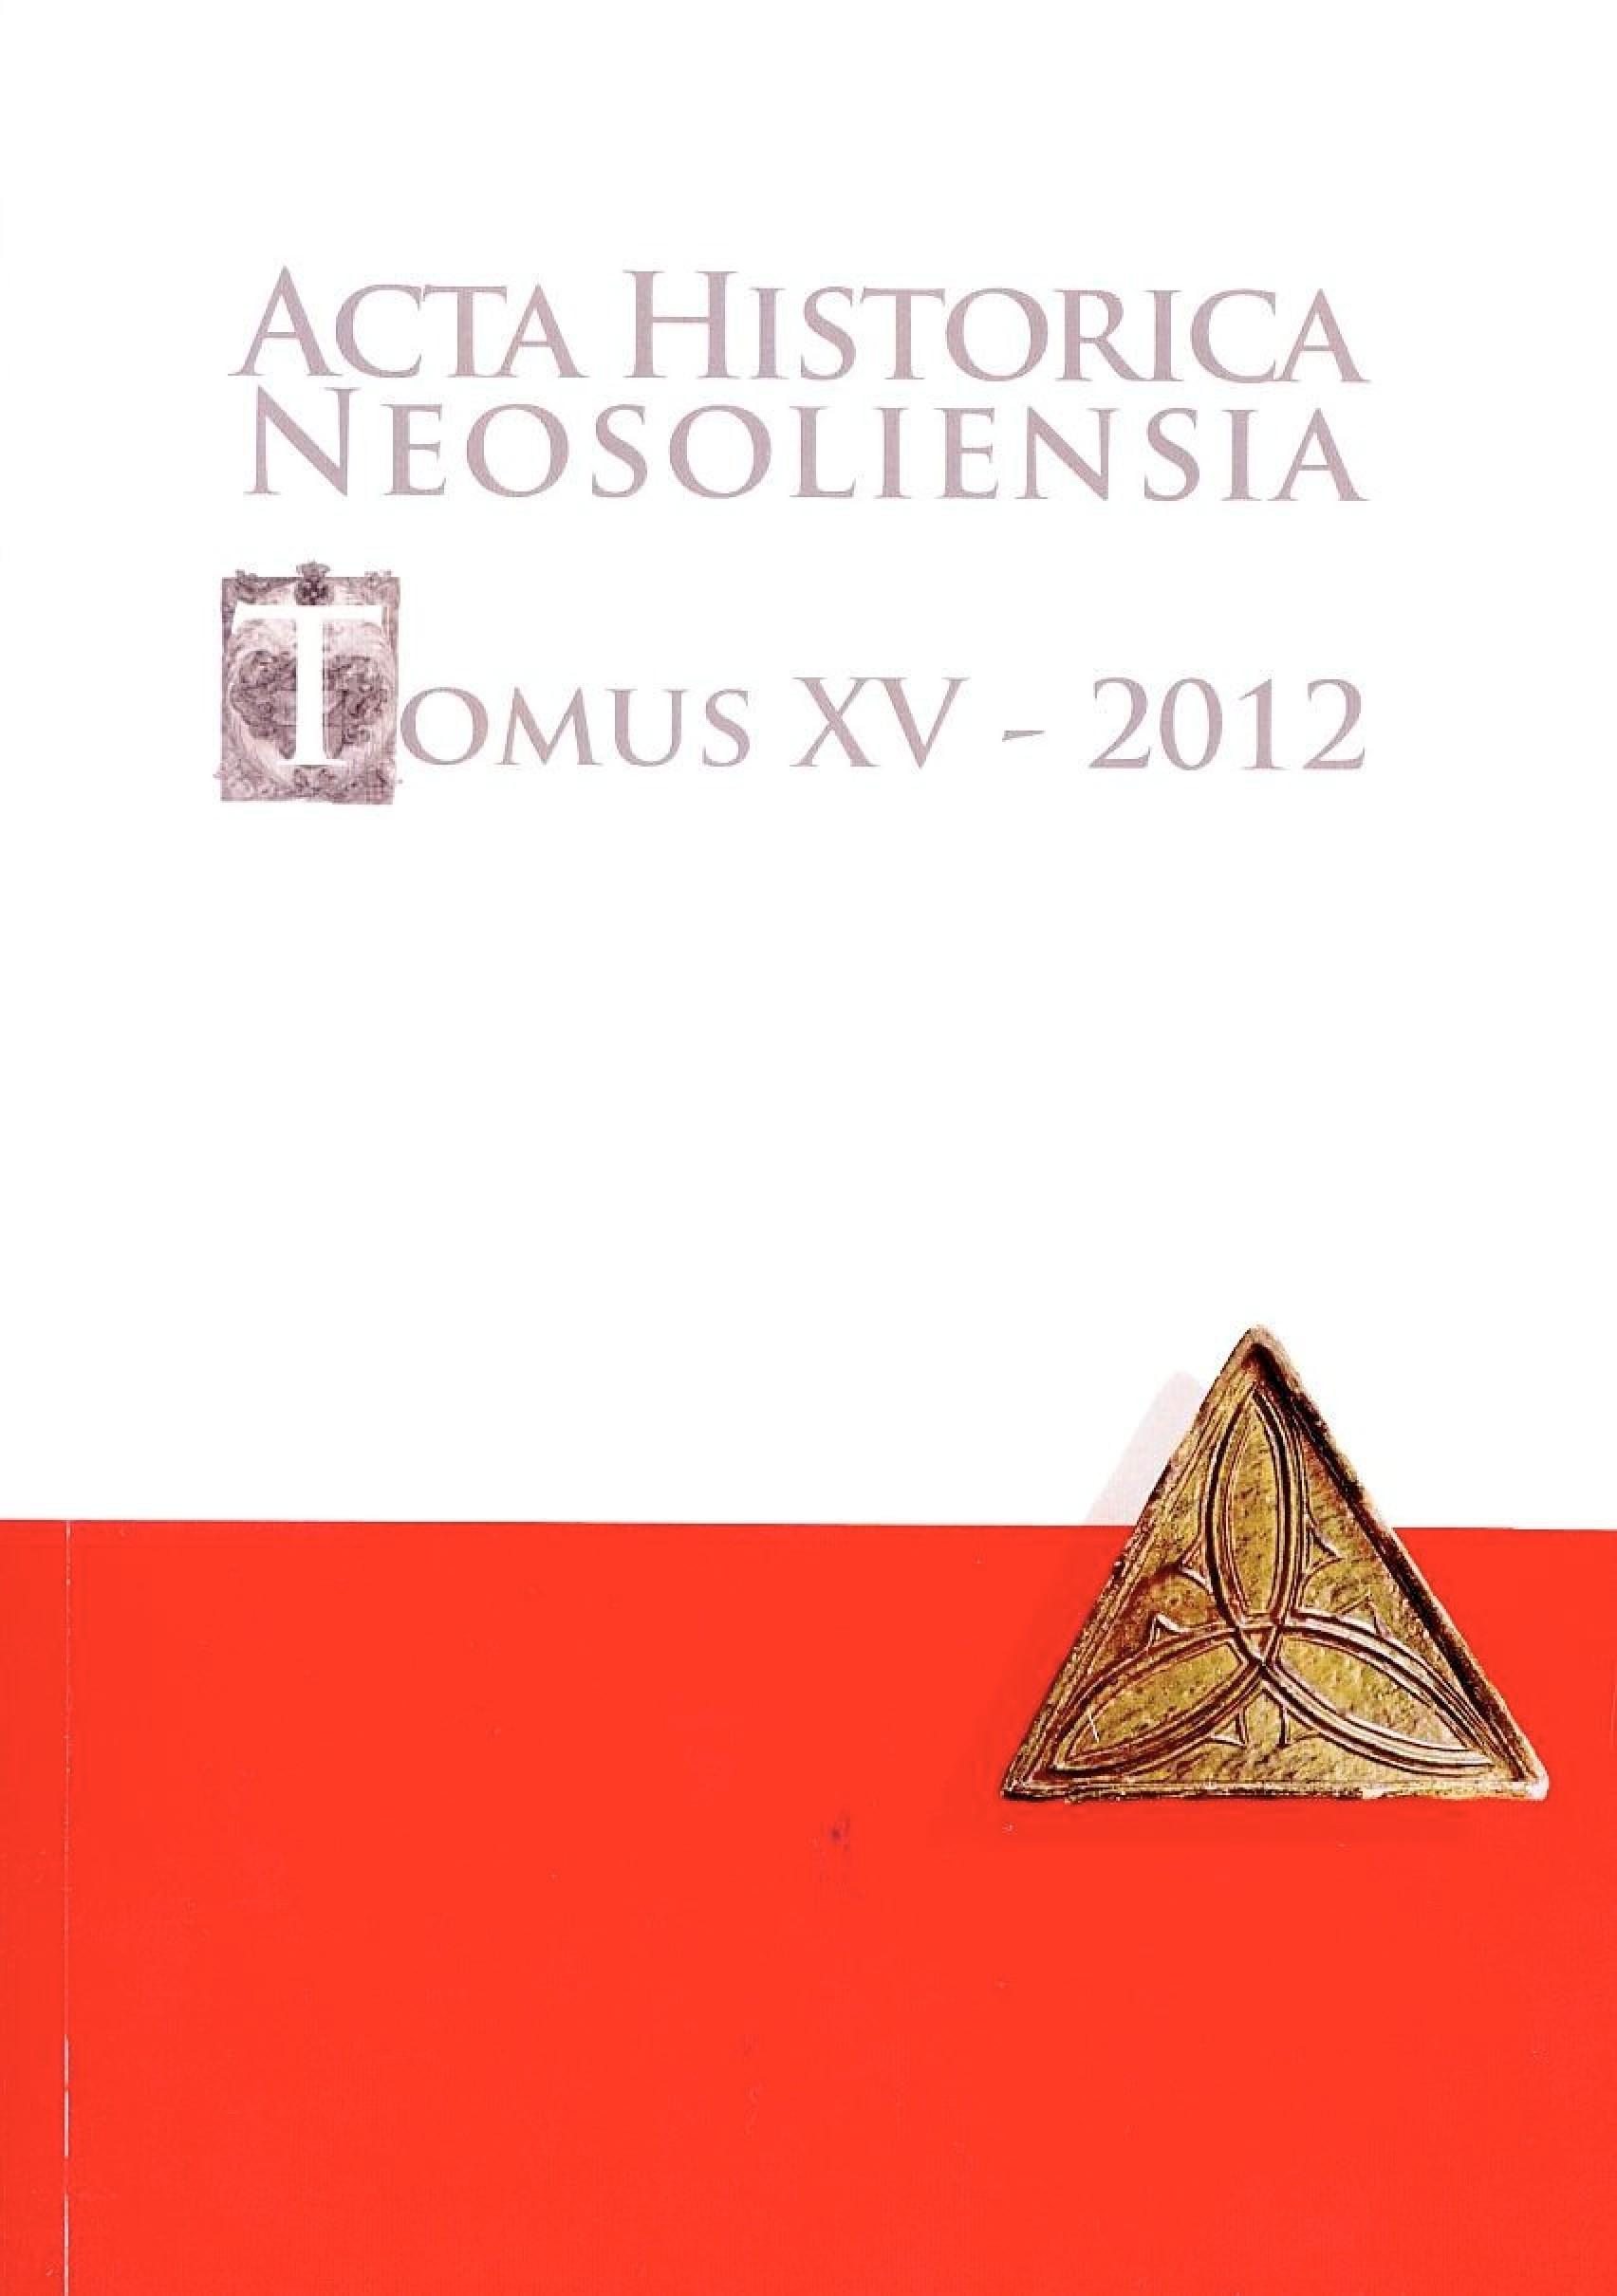 Acta historica neosoliensia, Tomus XV - 2012, Vol. 1 - 2